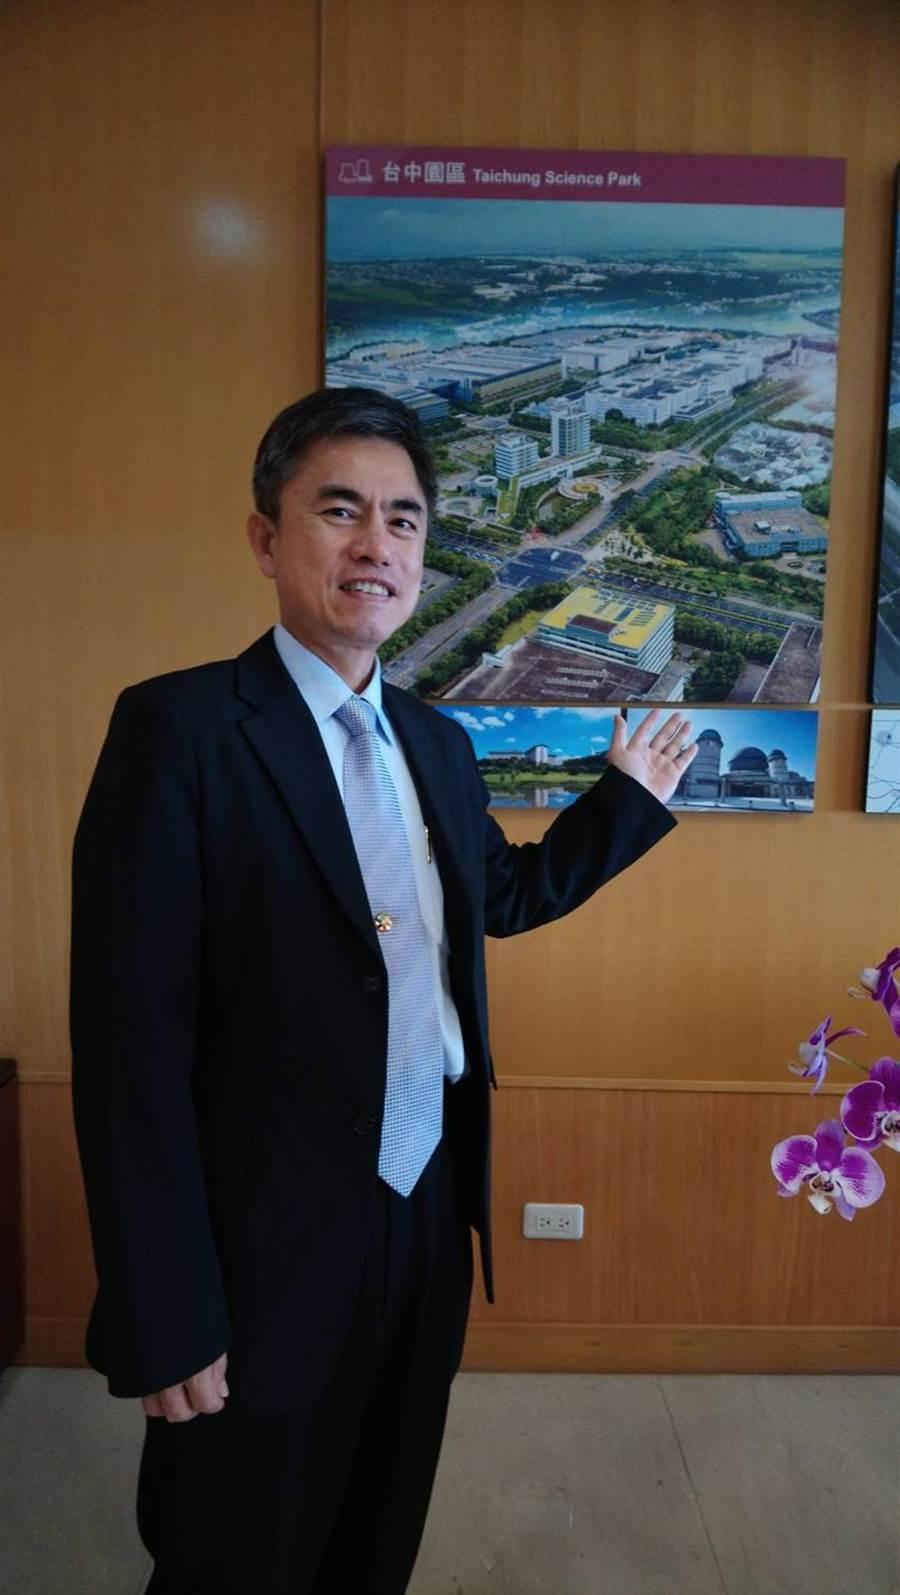 中科管理局長許茂新對於2020年中科園區的營運表現,充滿信心。(圖/曾麗芳)